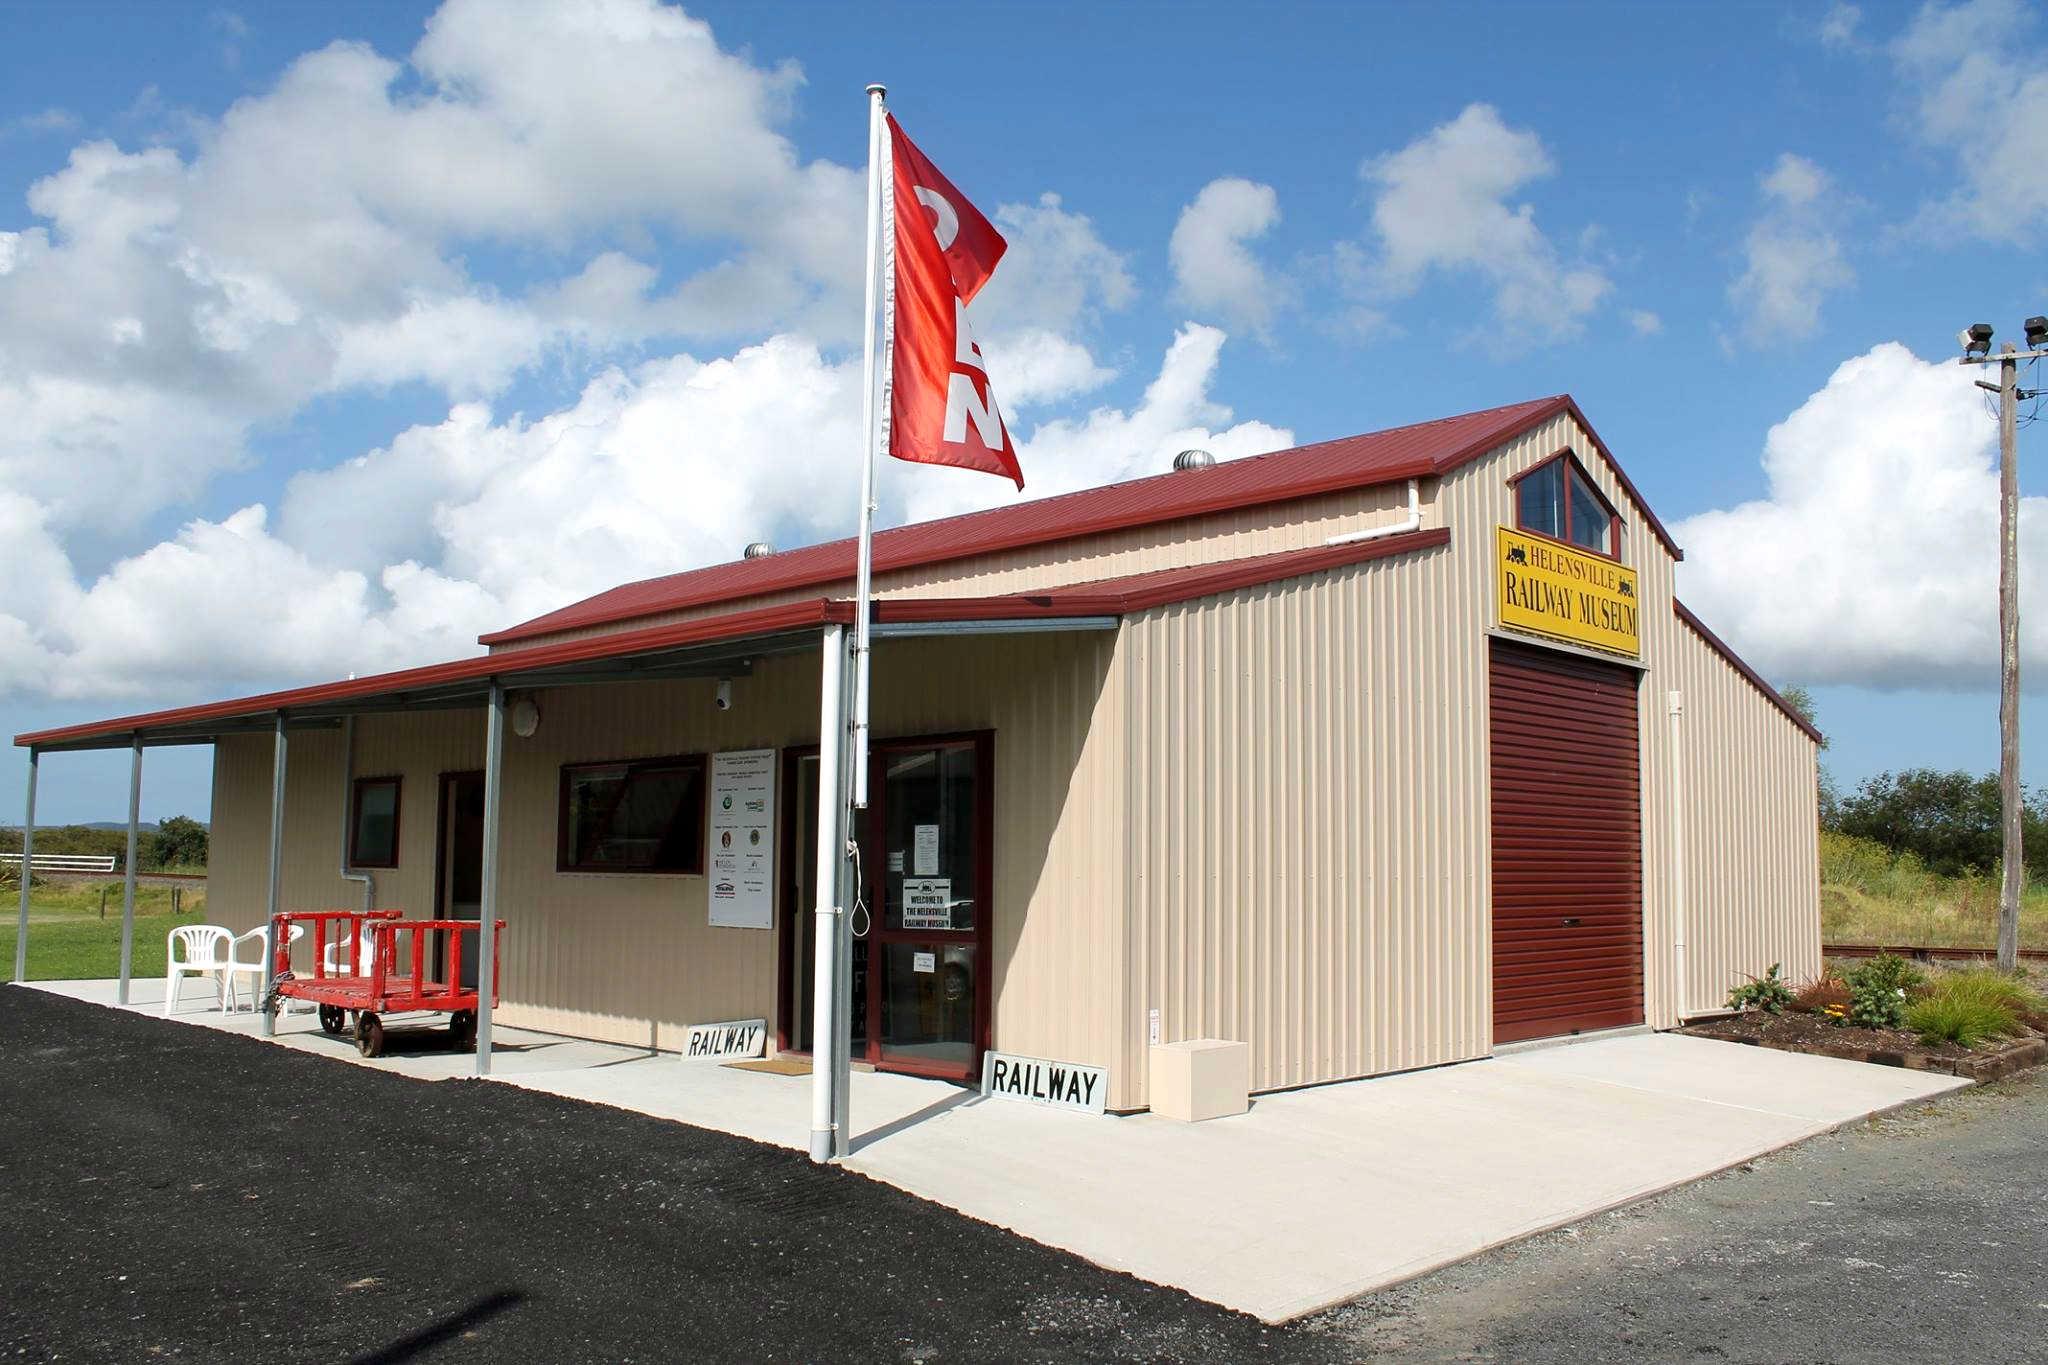 Helensville Railway Museum, Auckland, New Zealand @Helensville Railway Museum